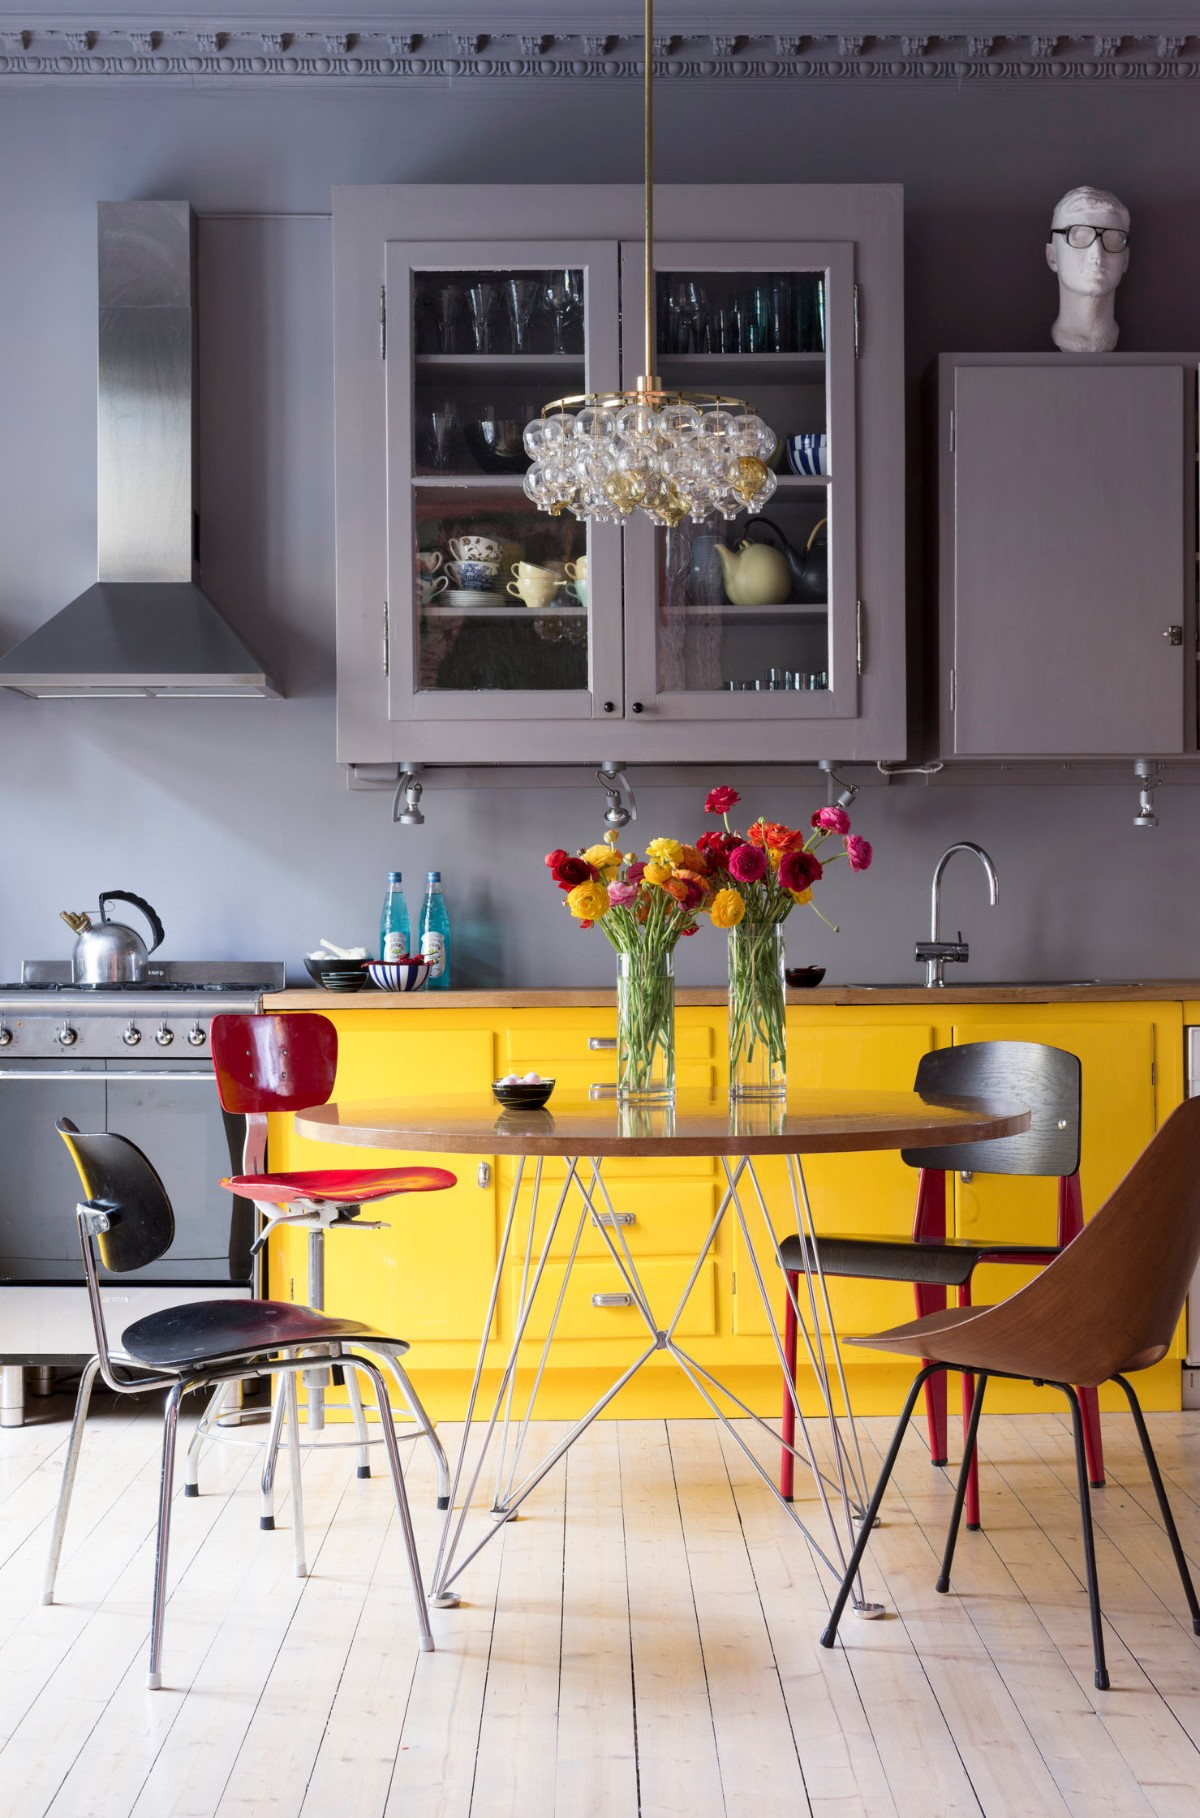 серая кухня с яркими жёлтыми акцентами